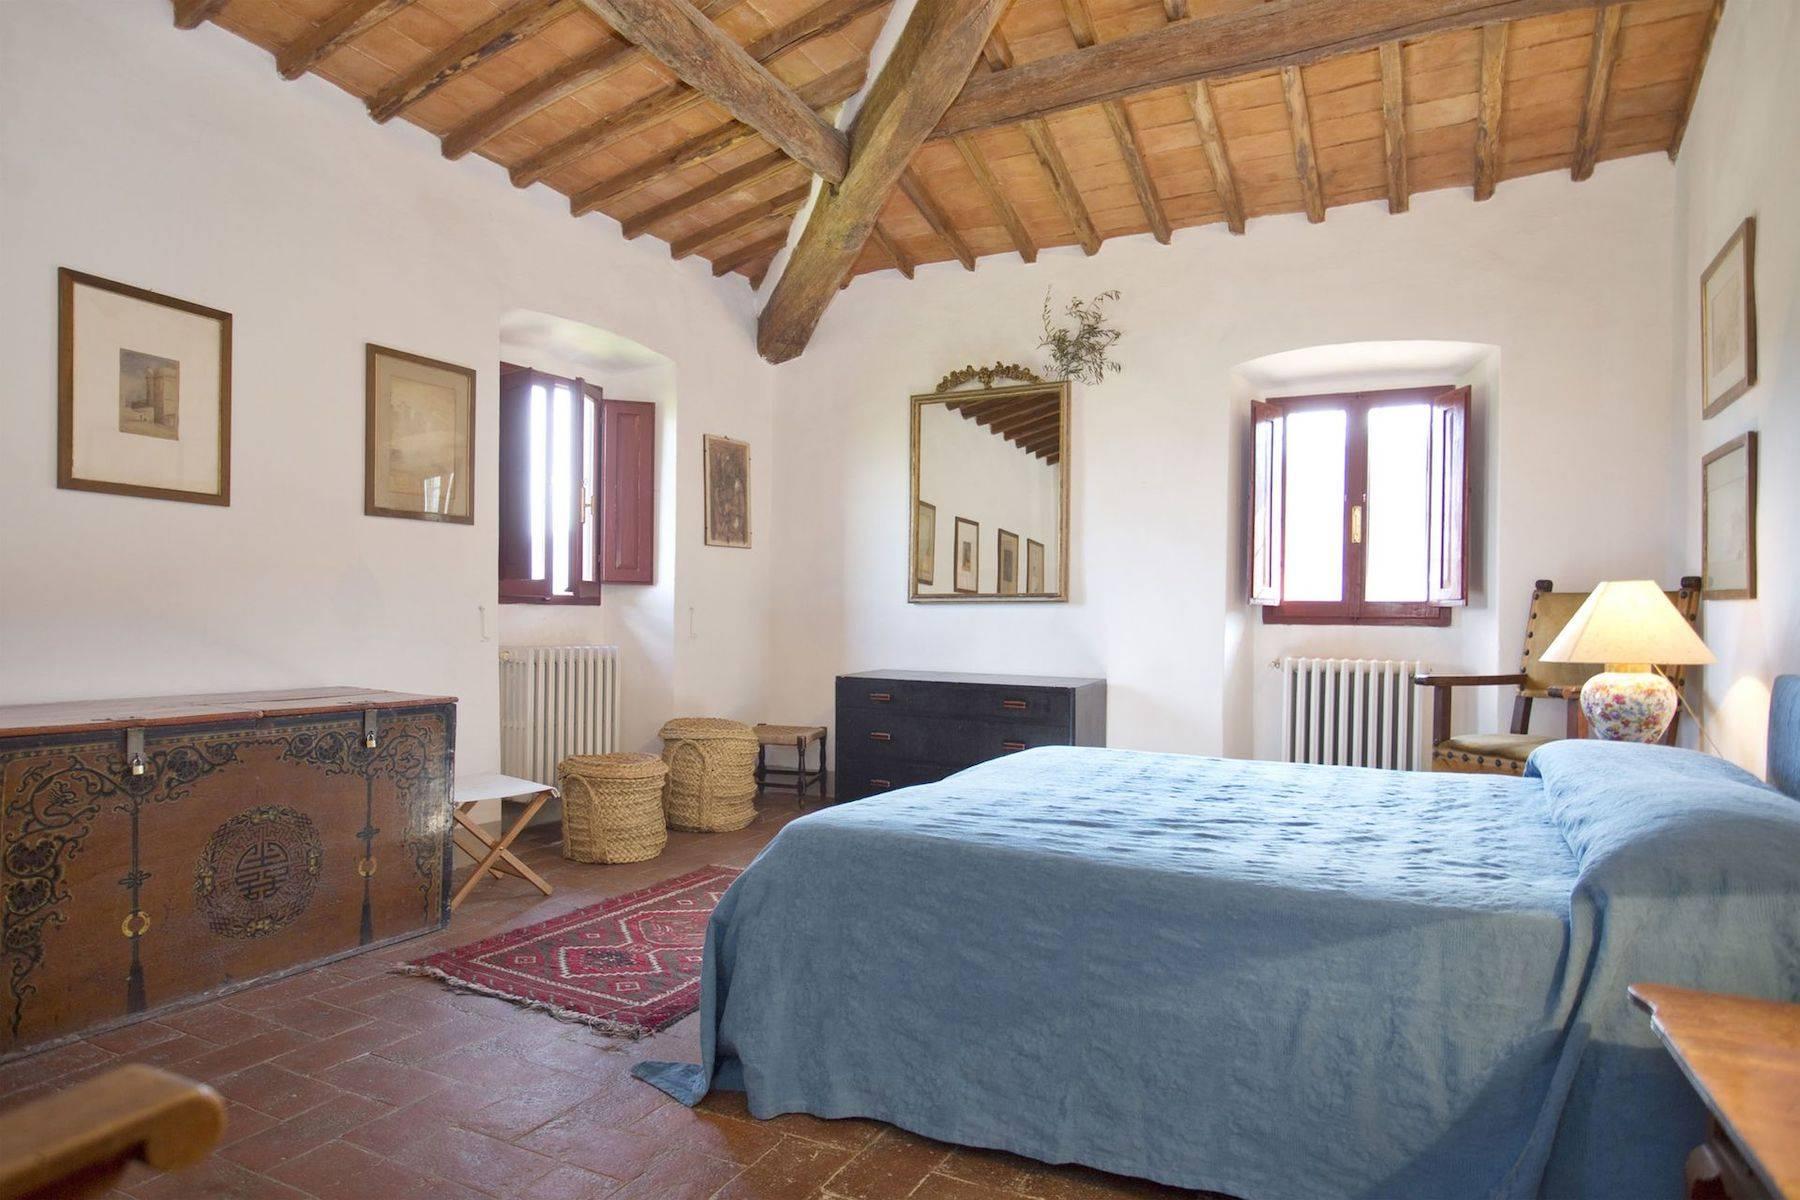 Villa in Vendita a Rignano Sull'Arno: 5 locali, 550 mq - Foto 16